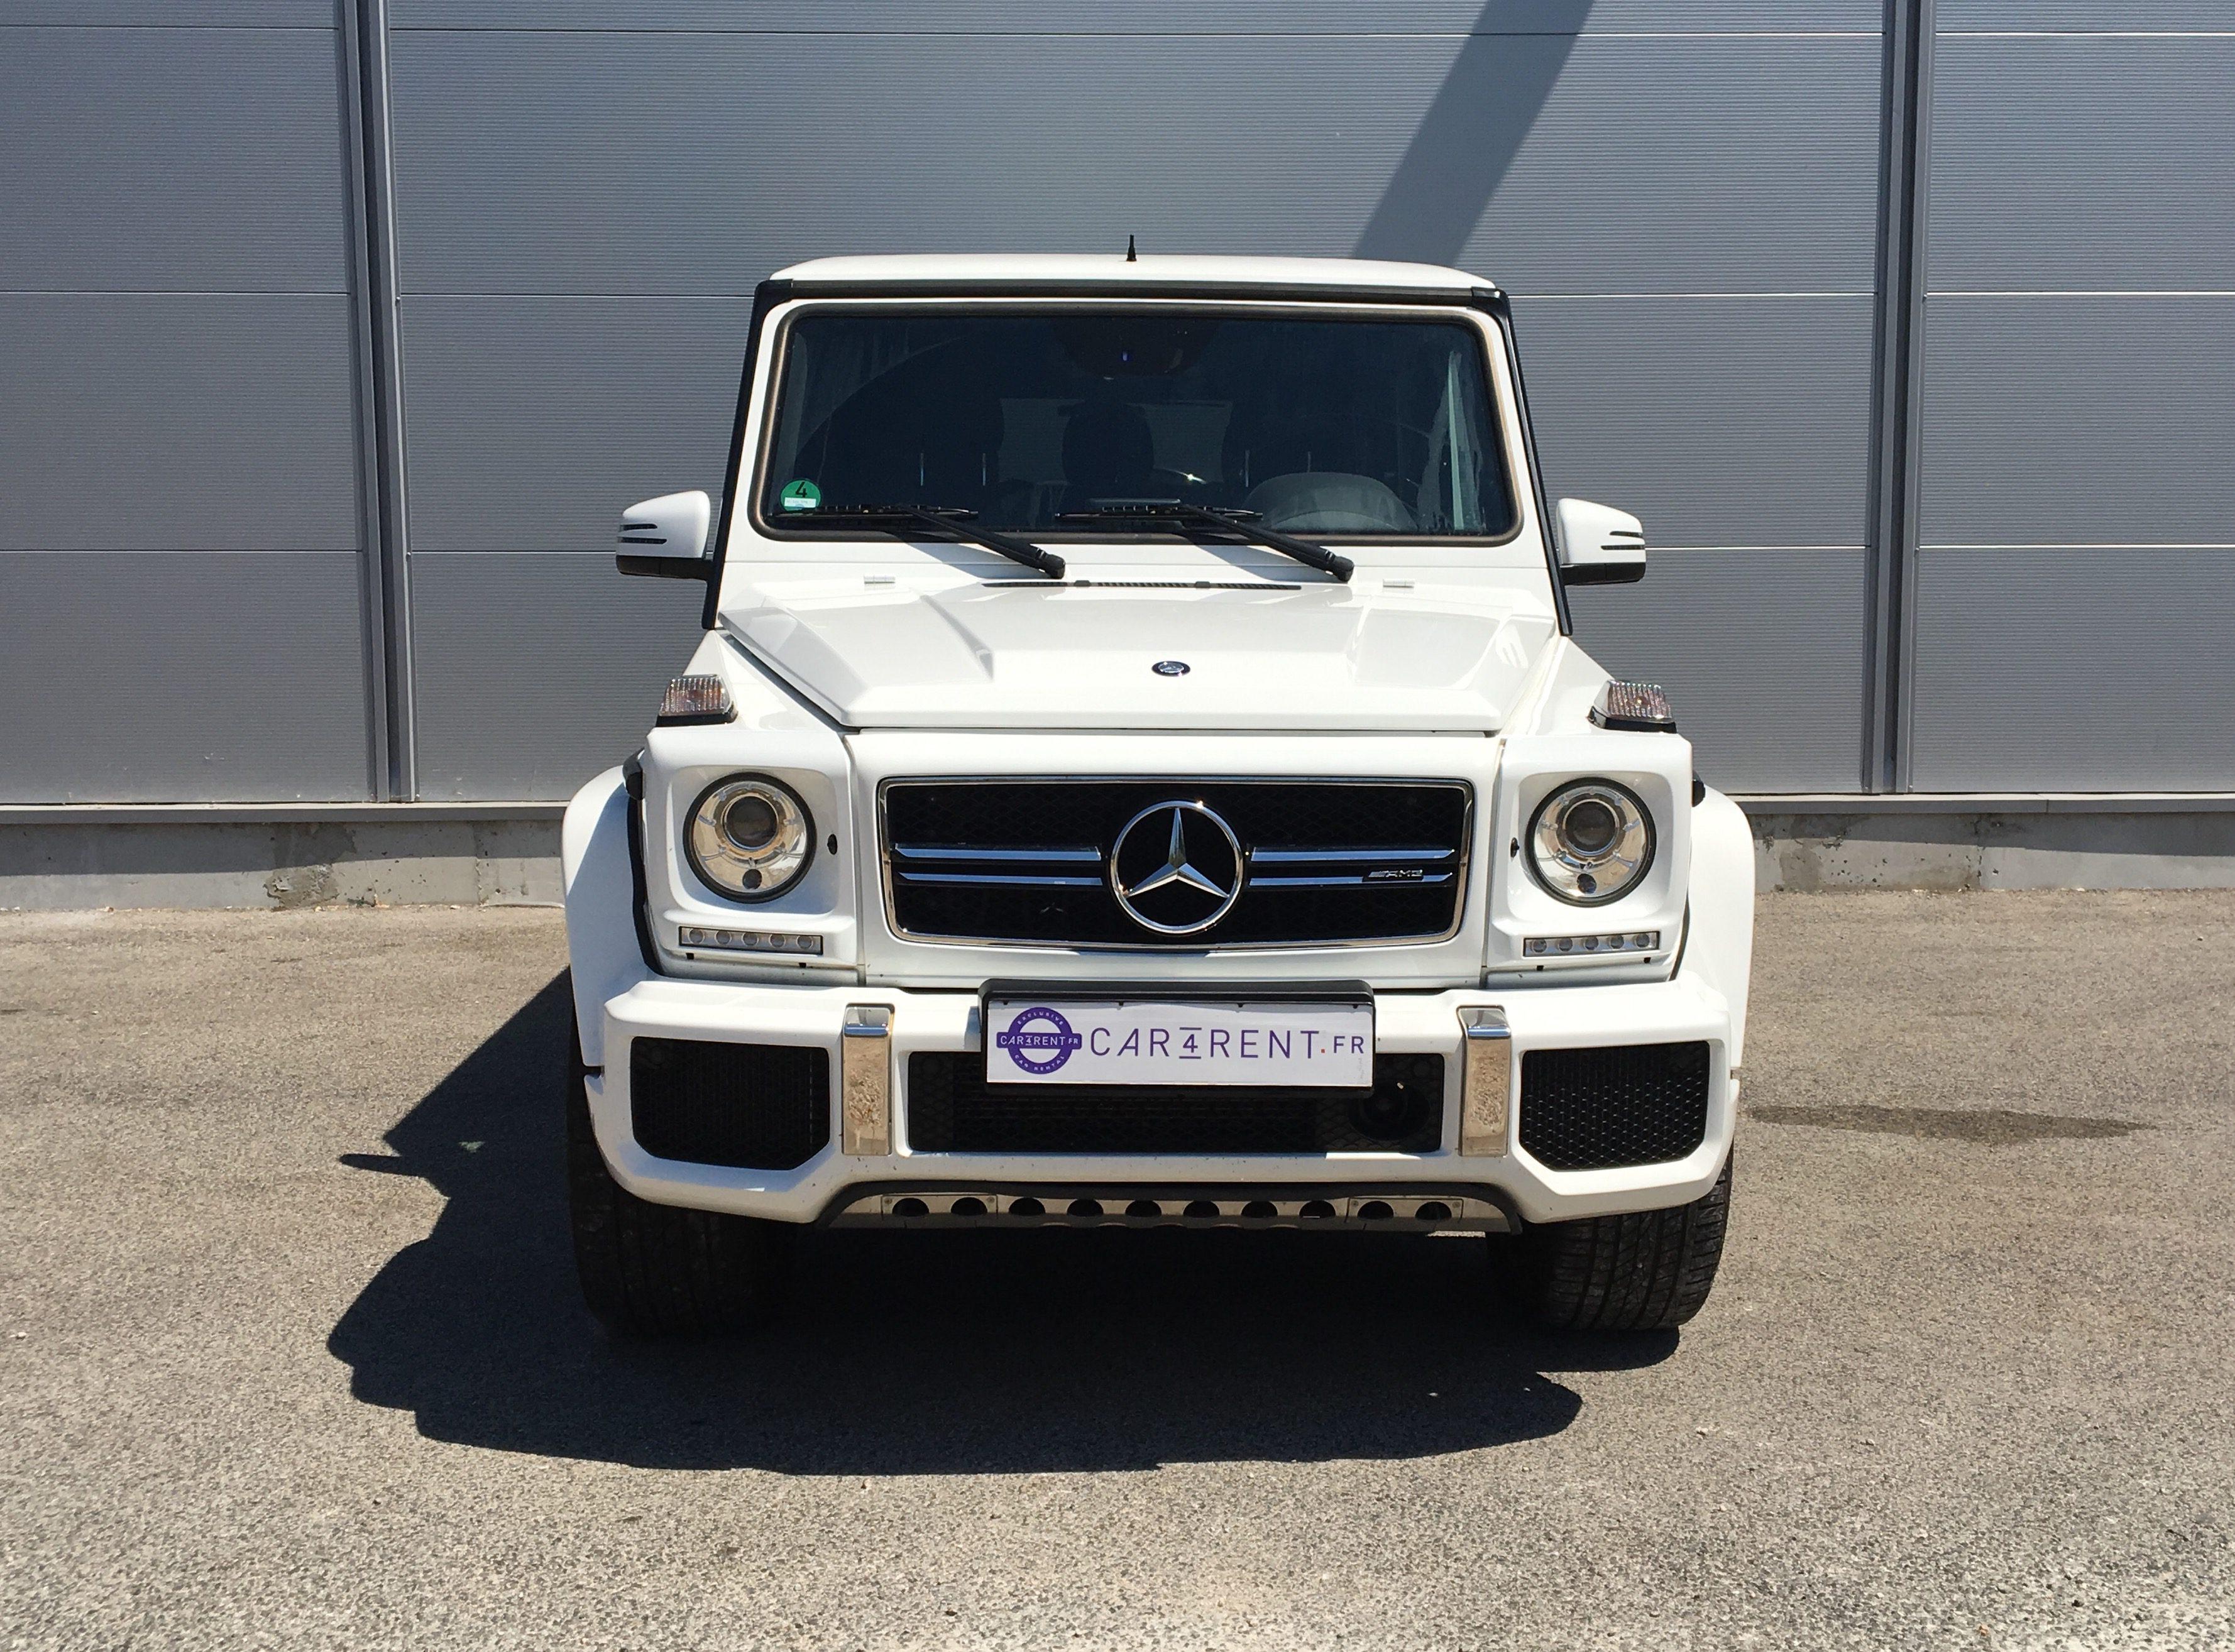 Car4rent 4x4 rental mercedes g63 long